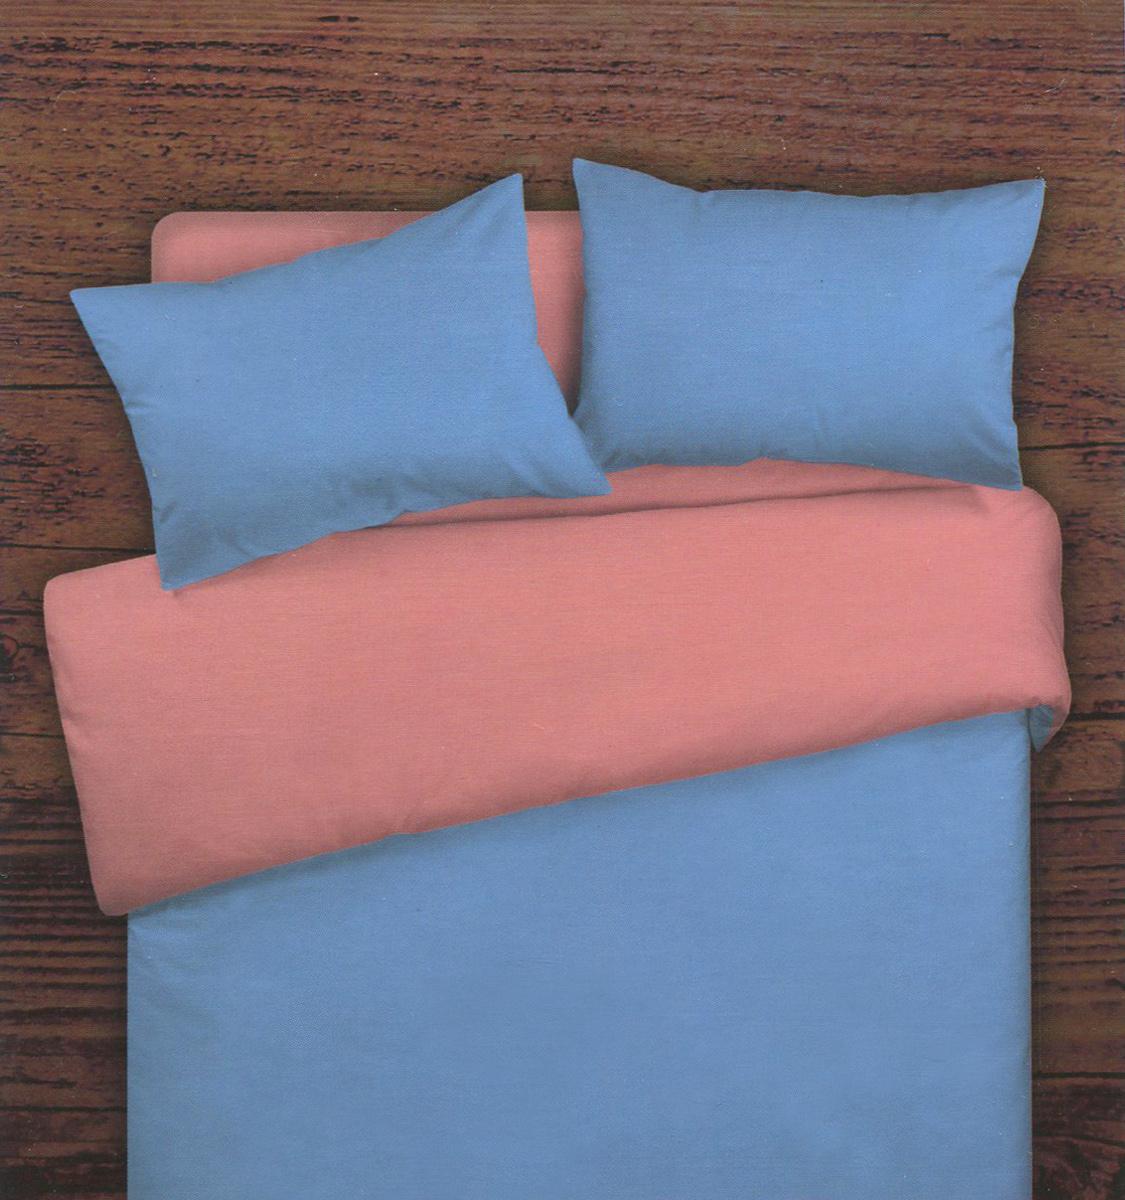 Комплект белья Wenge, 1,5-спальный, наволочки 70х70, цвет: голубой, персиковый311929Комплект постельного белья Wenge выполнен из биологически чистой и натуральной ткани БИО Комфорт (100% хлопка). Комплект состоит из пододеяльника, простыни и двух наволочек. Wenge - современный цвет, получивший свое название от редкой и ценной породы древесины африканских тропических деревьев. Благородный цвет и теплота материала несет в себе энергию природы, атмосферу умиротворения и спокойствия. Именно такая обстановка необходима для снятия накопленного напряжения и нормализации эмоционального состояния. Чем ближе мы к природе, тем лучше мы себя ощущаем. Сдержанность и лаконичность дизайна такого постельного белья подчеркнет индивидуальность владельца и станет великолепным элементом интерьера.